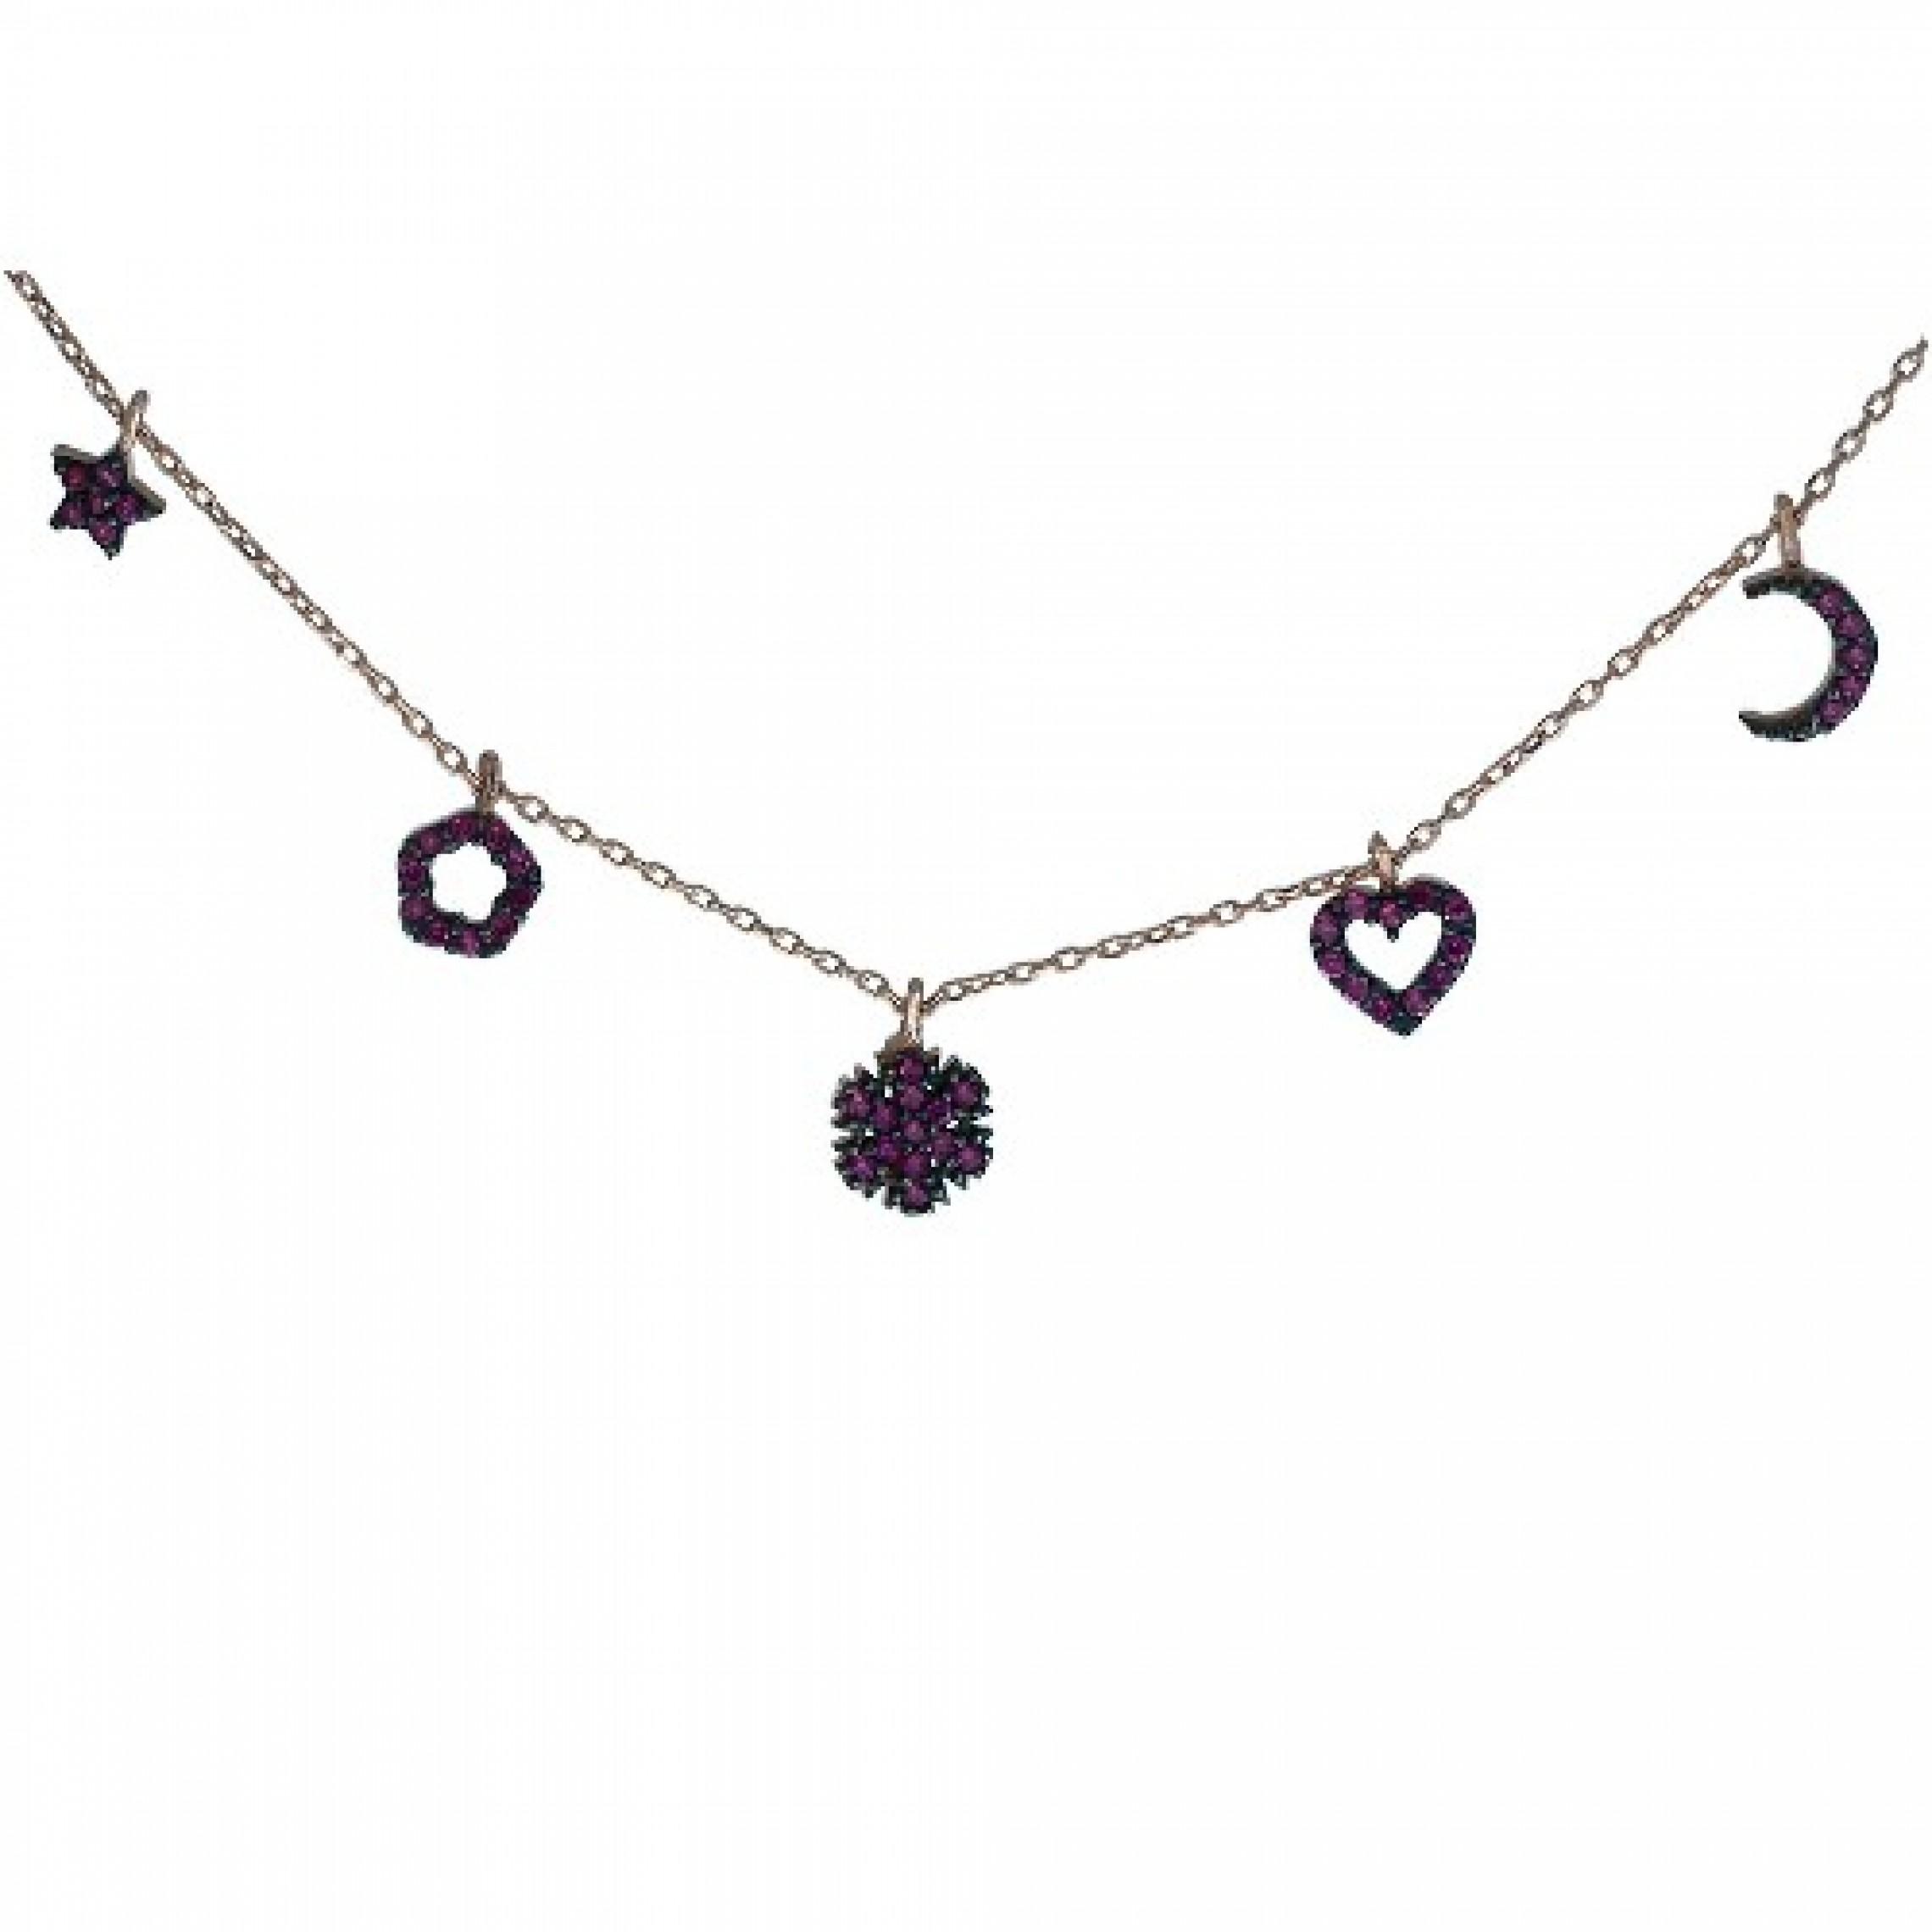 SN-169 Evil Eye 925 Sterling Silver CZ Necklace